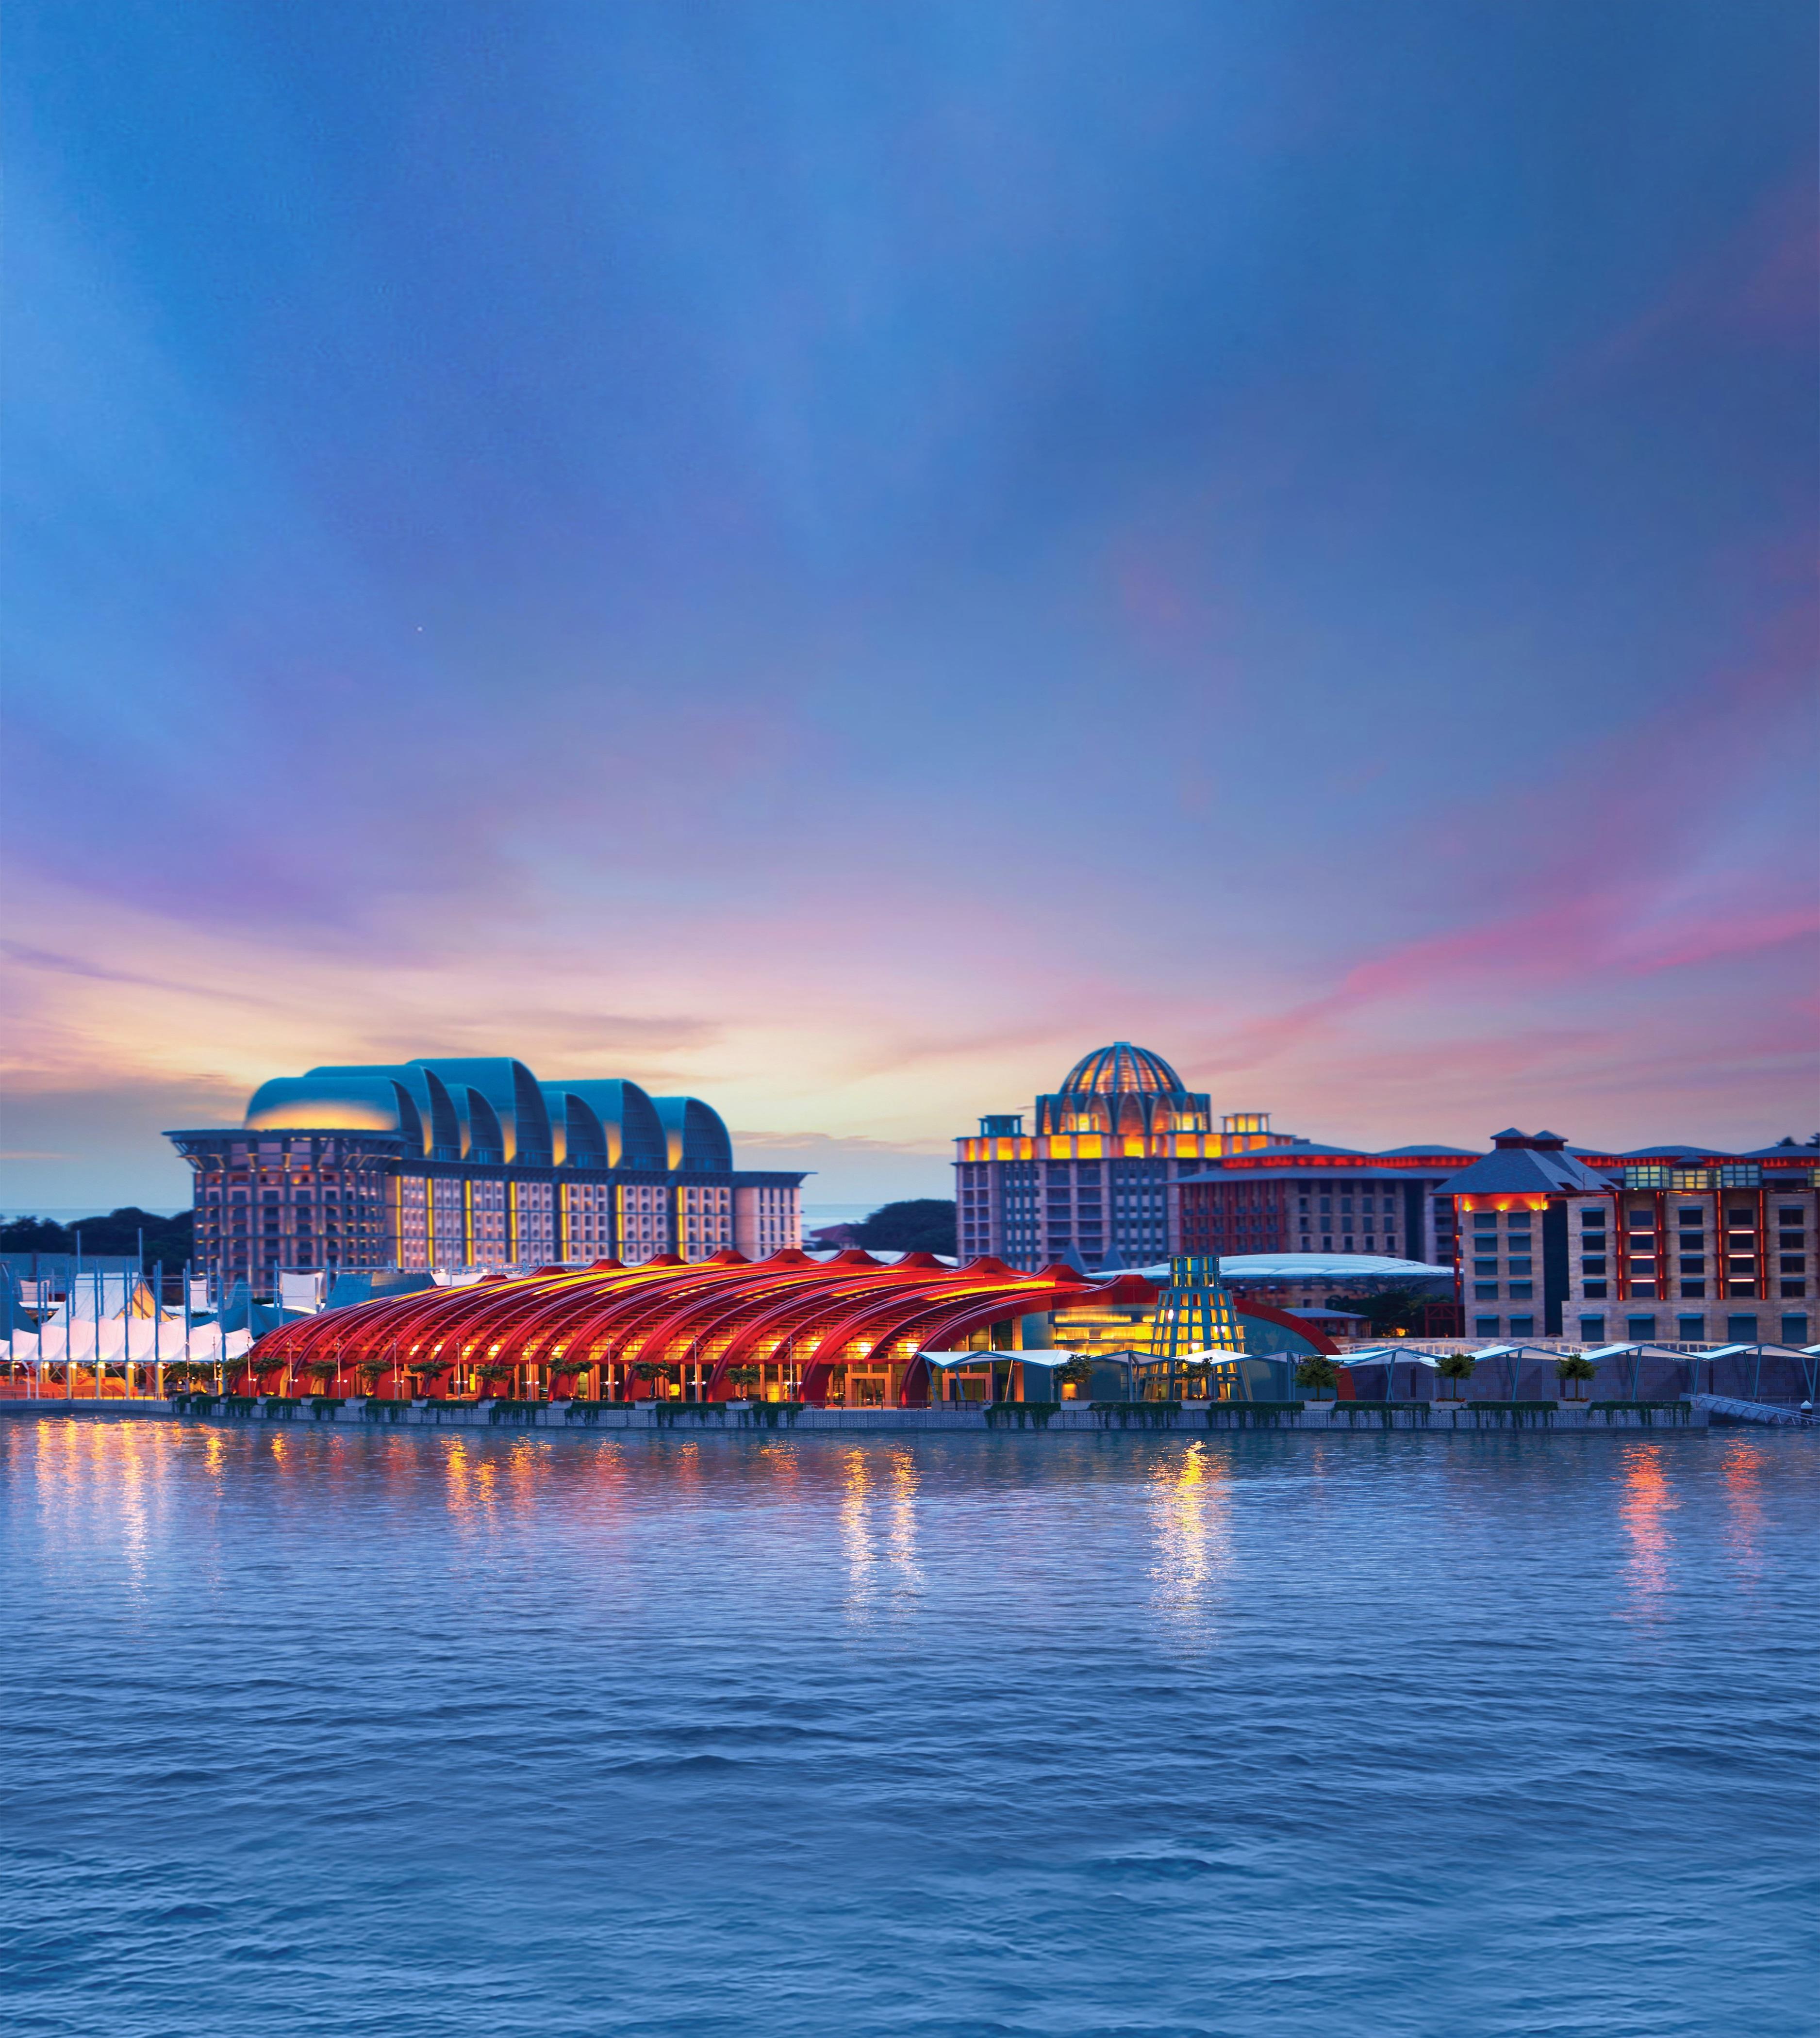 新加坡有什么好玩的,新加坡必游景点TOP10